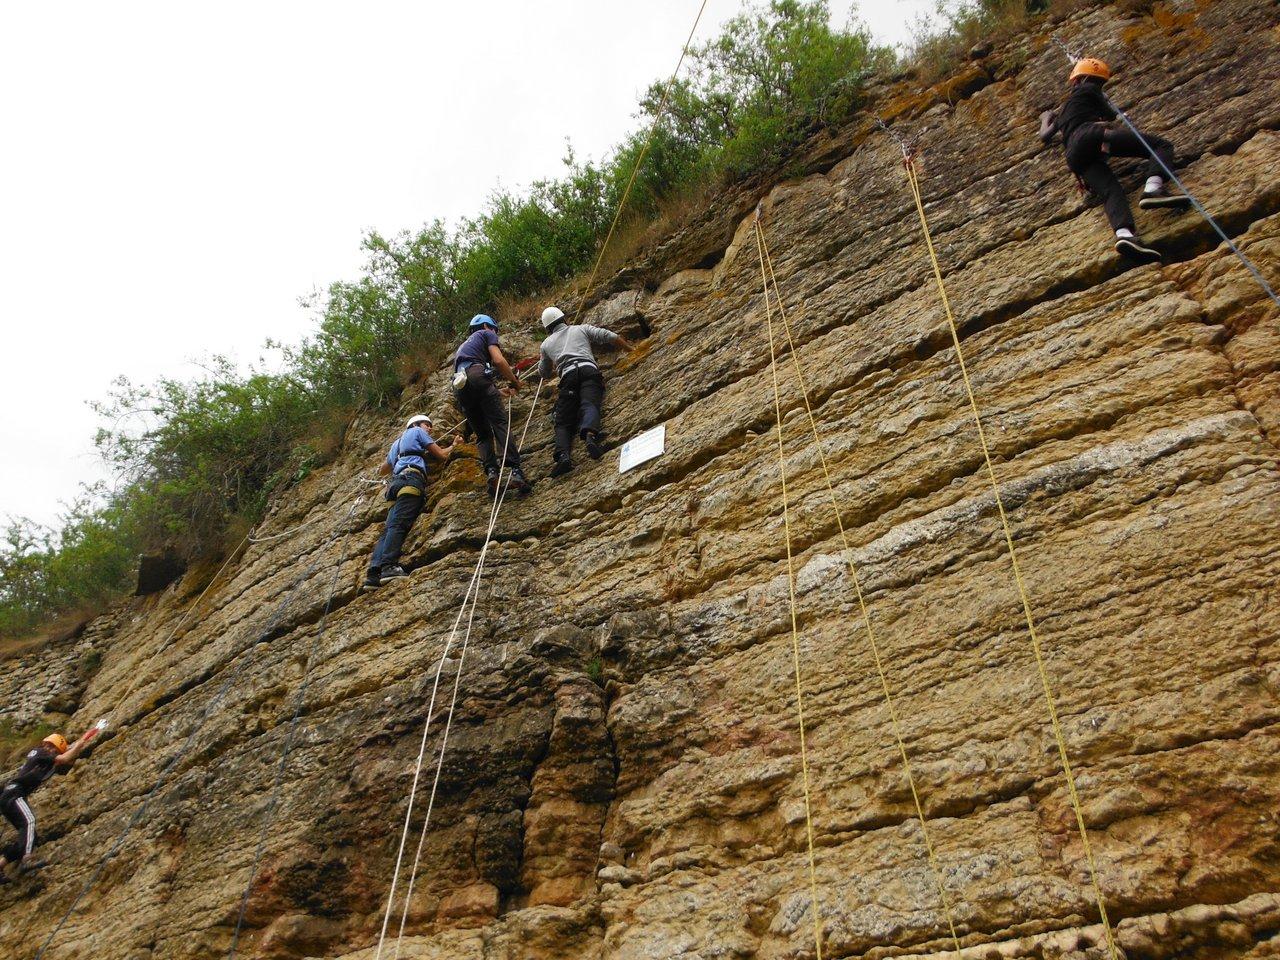 Atelier rappel à l'école d'escalade de Limas